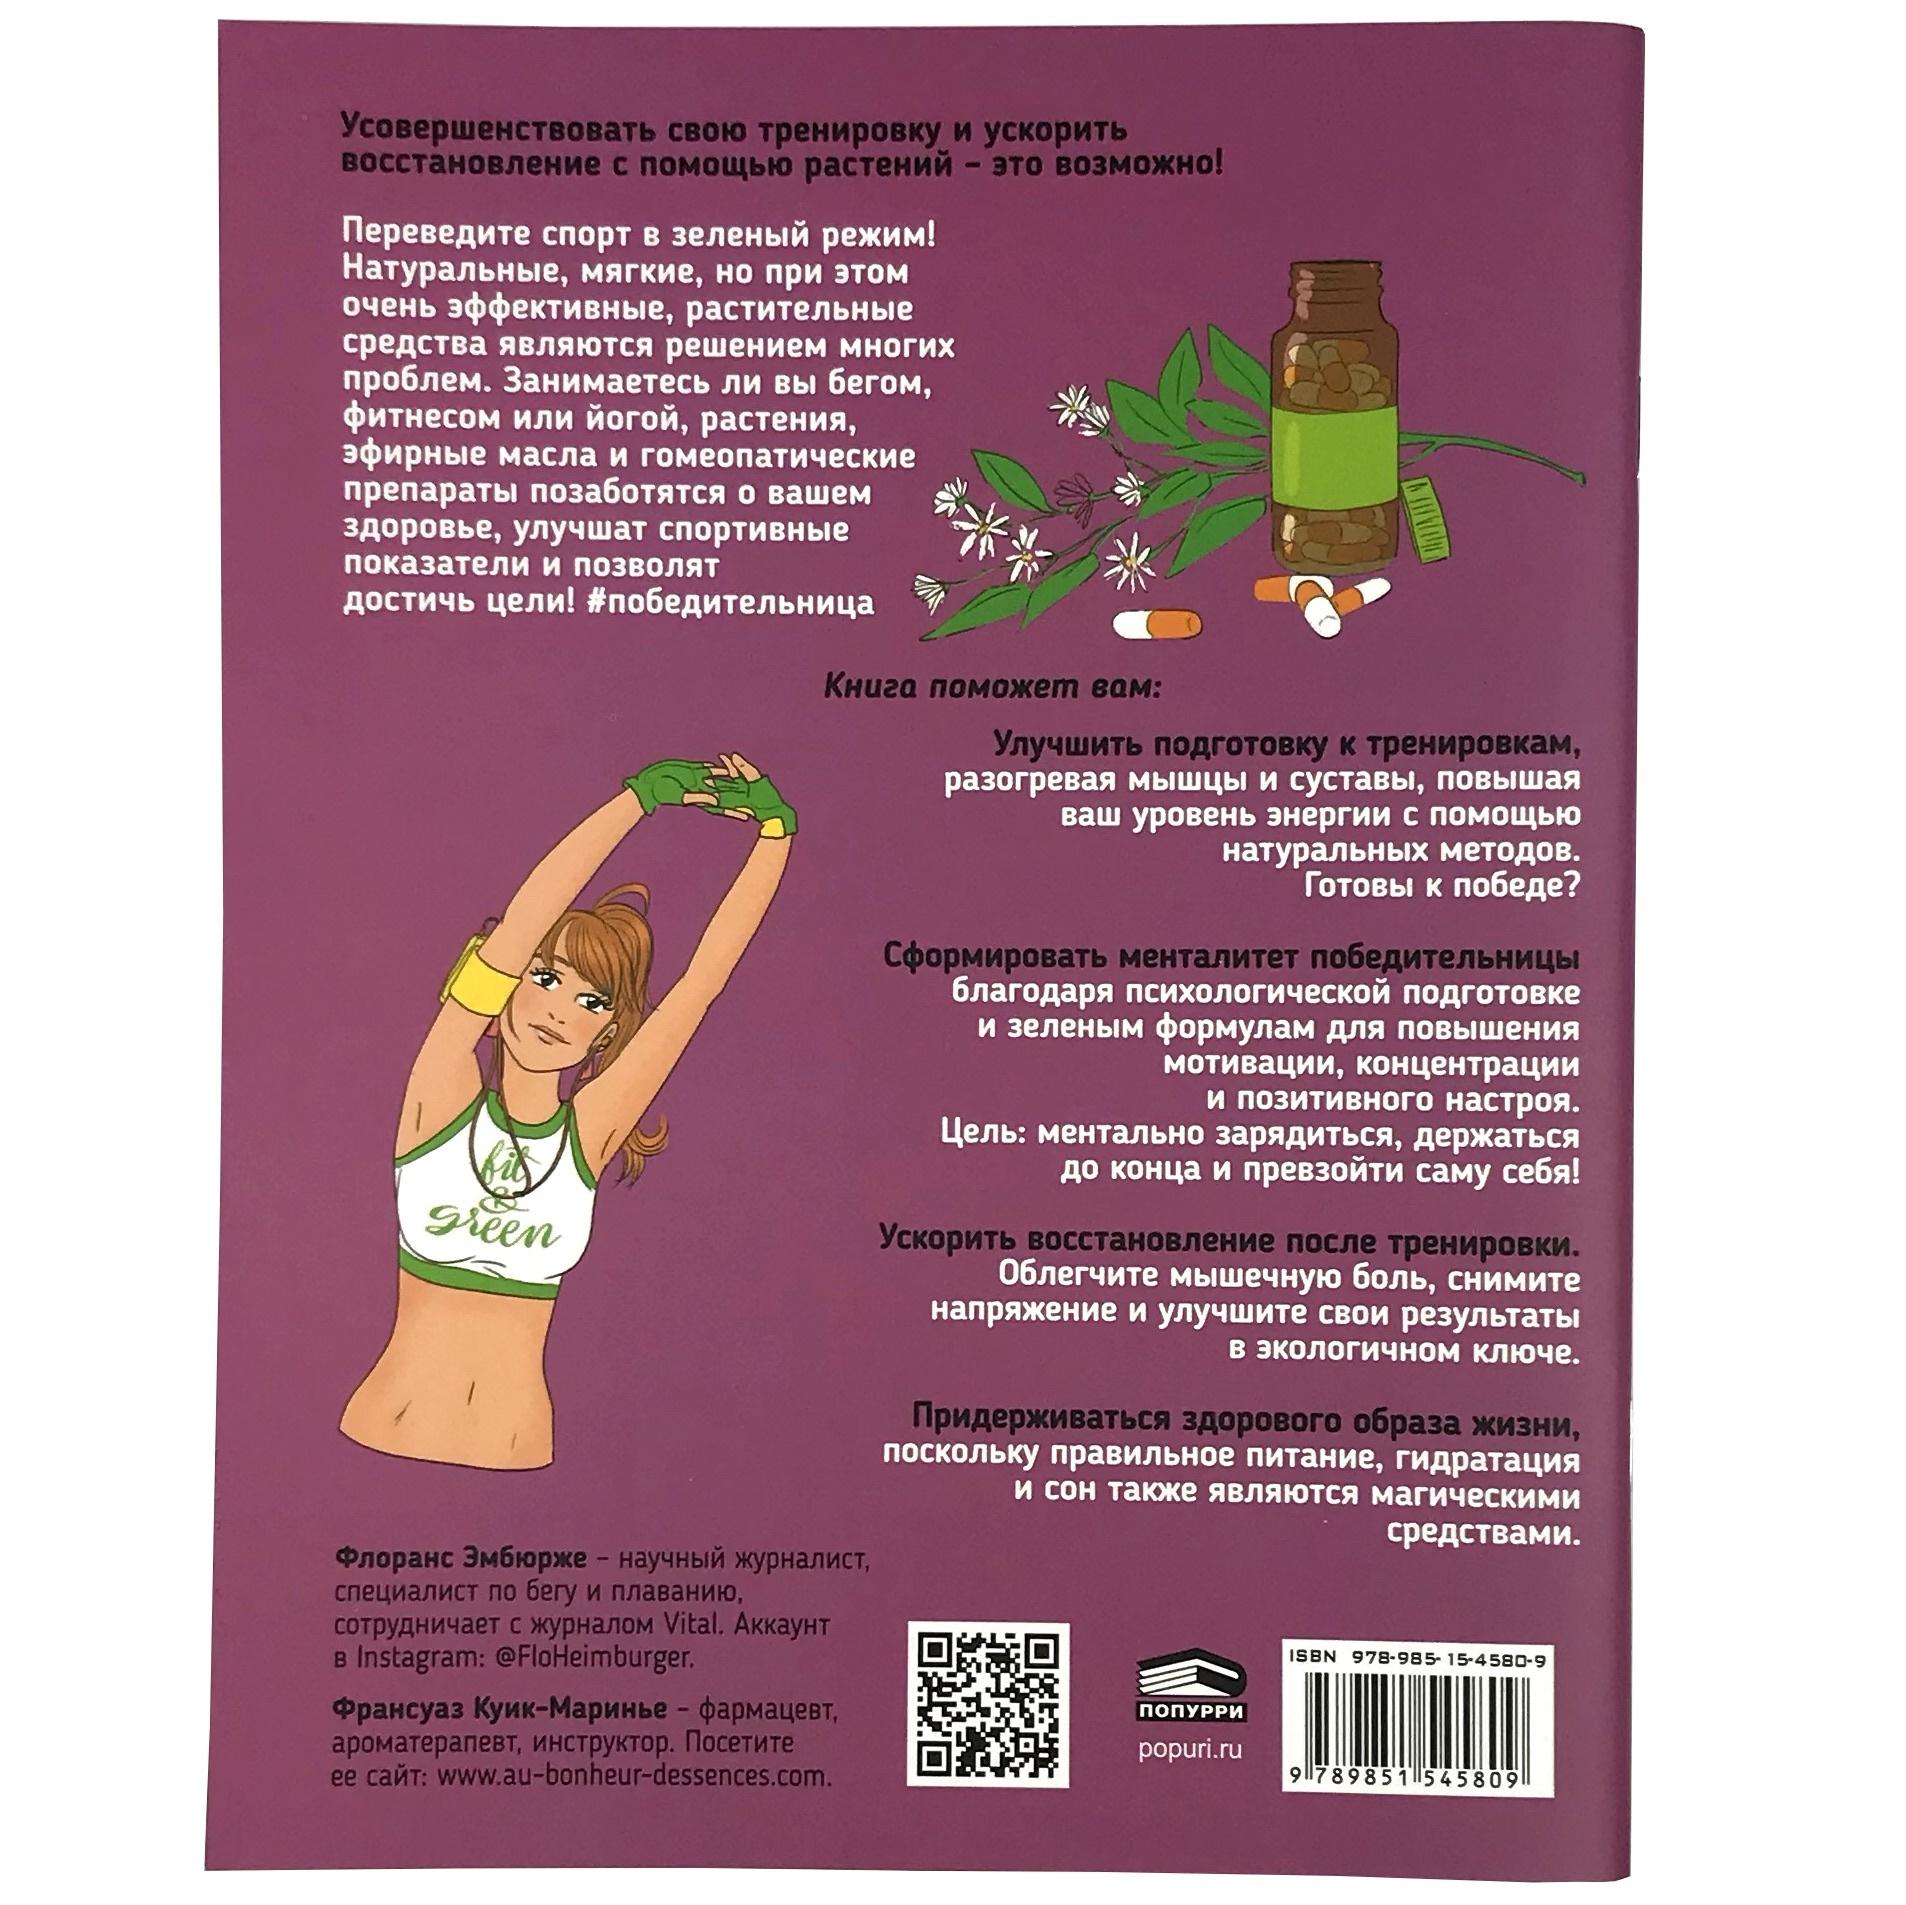 Мой блокнот. Зеленые тренировки. Автор — Флоранс Эмбюрже, Франсуаз Куик-Маринье.